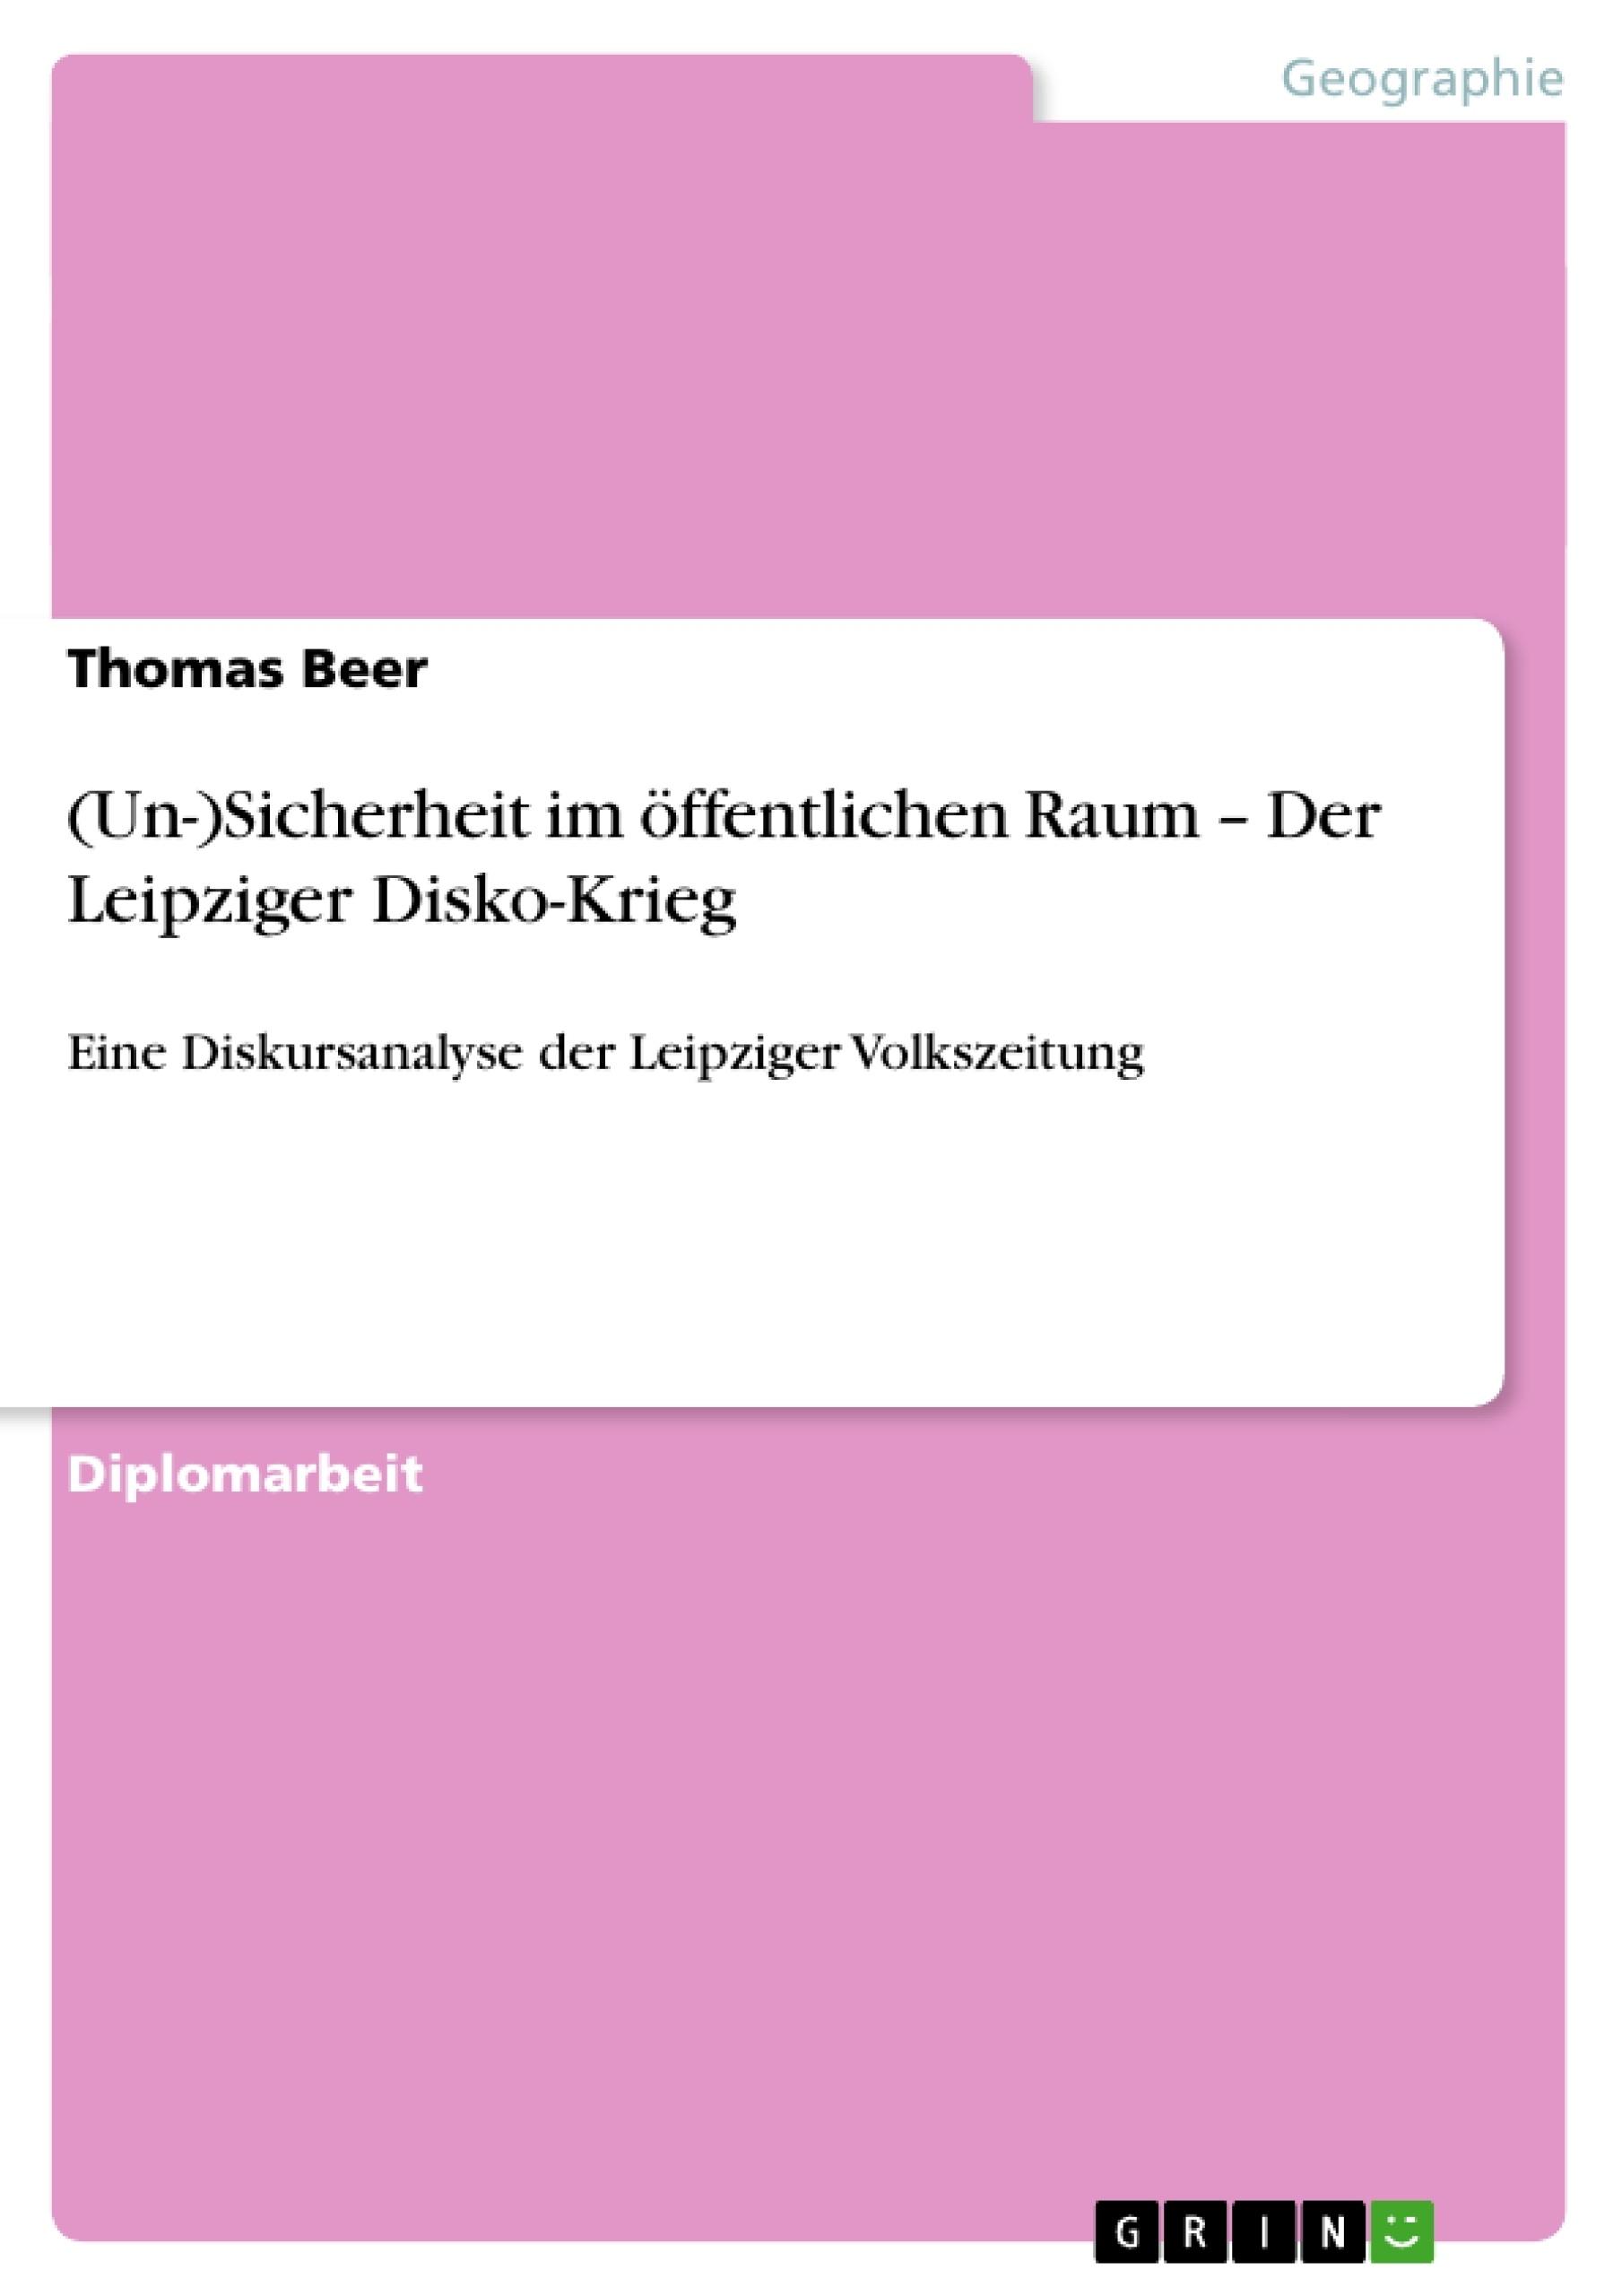 Titel: (Un-)Sicherheit im öffentlichen Raum – Der Leipziger Disko-Krieg